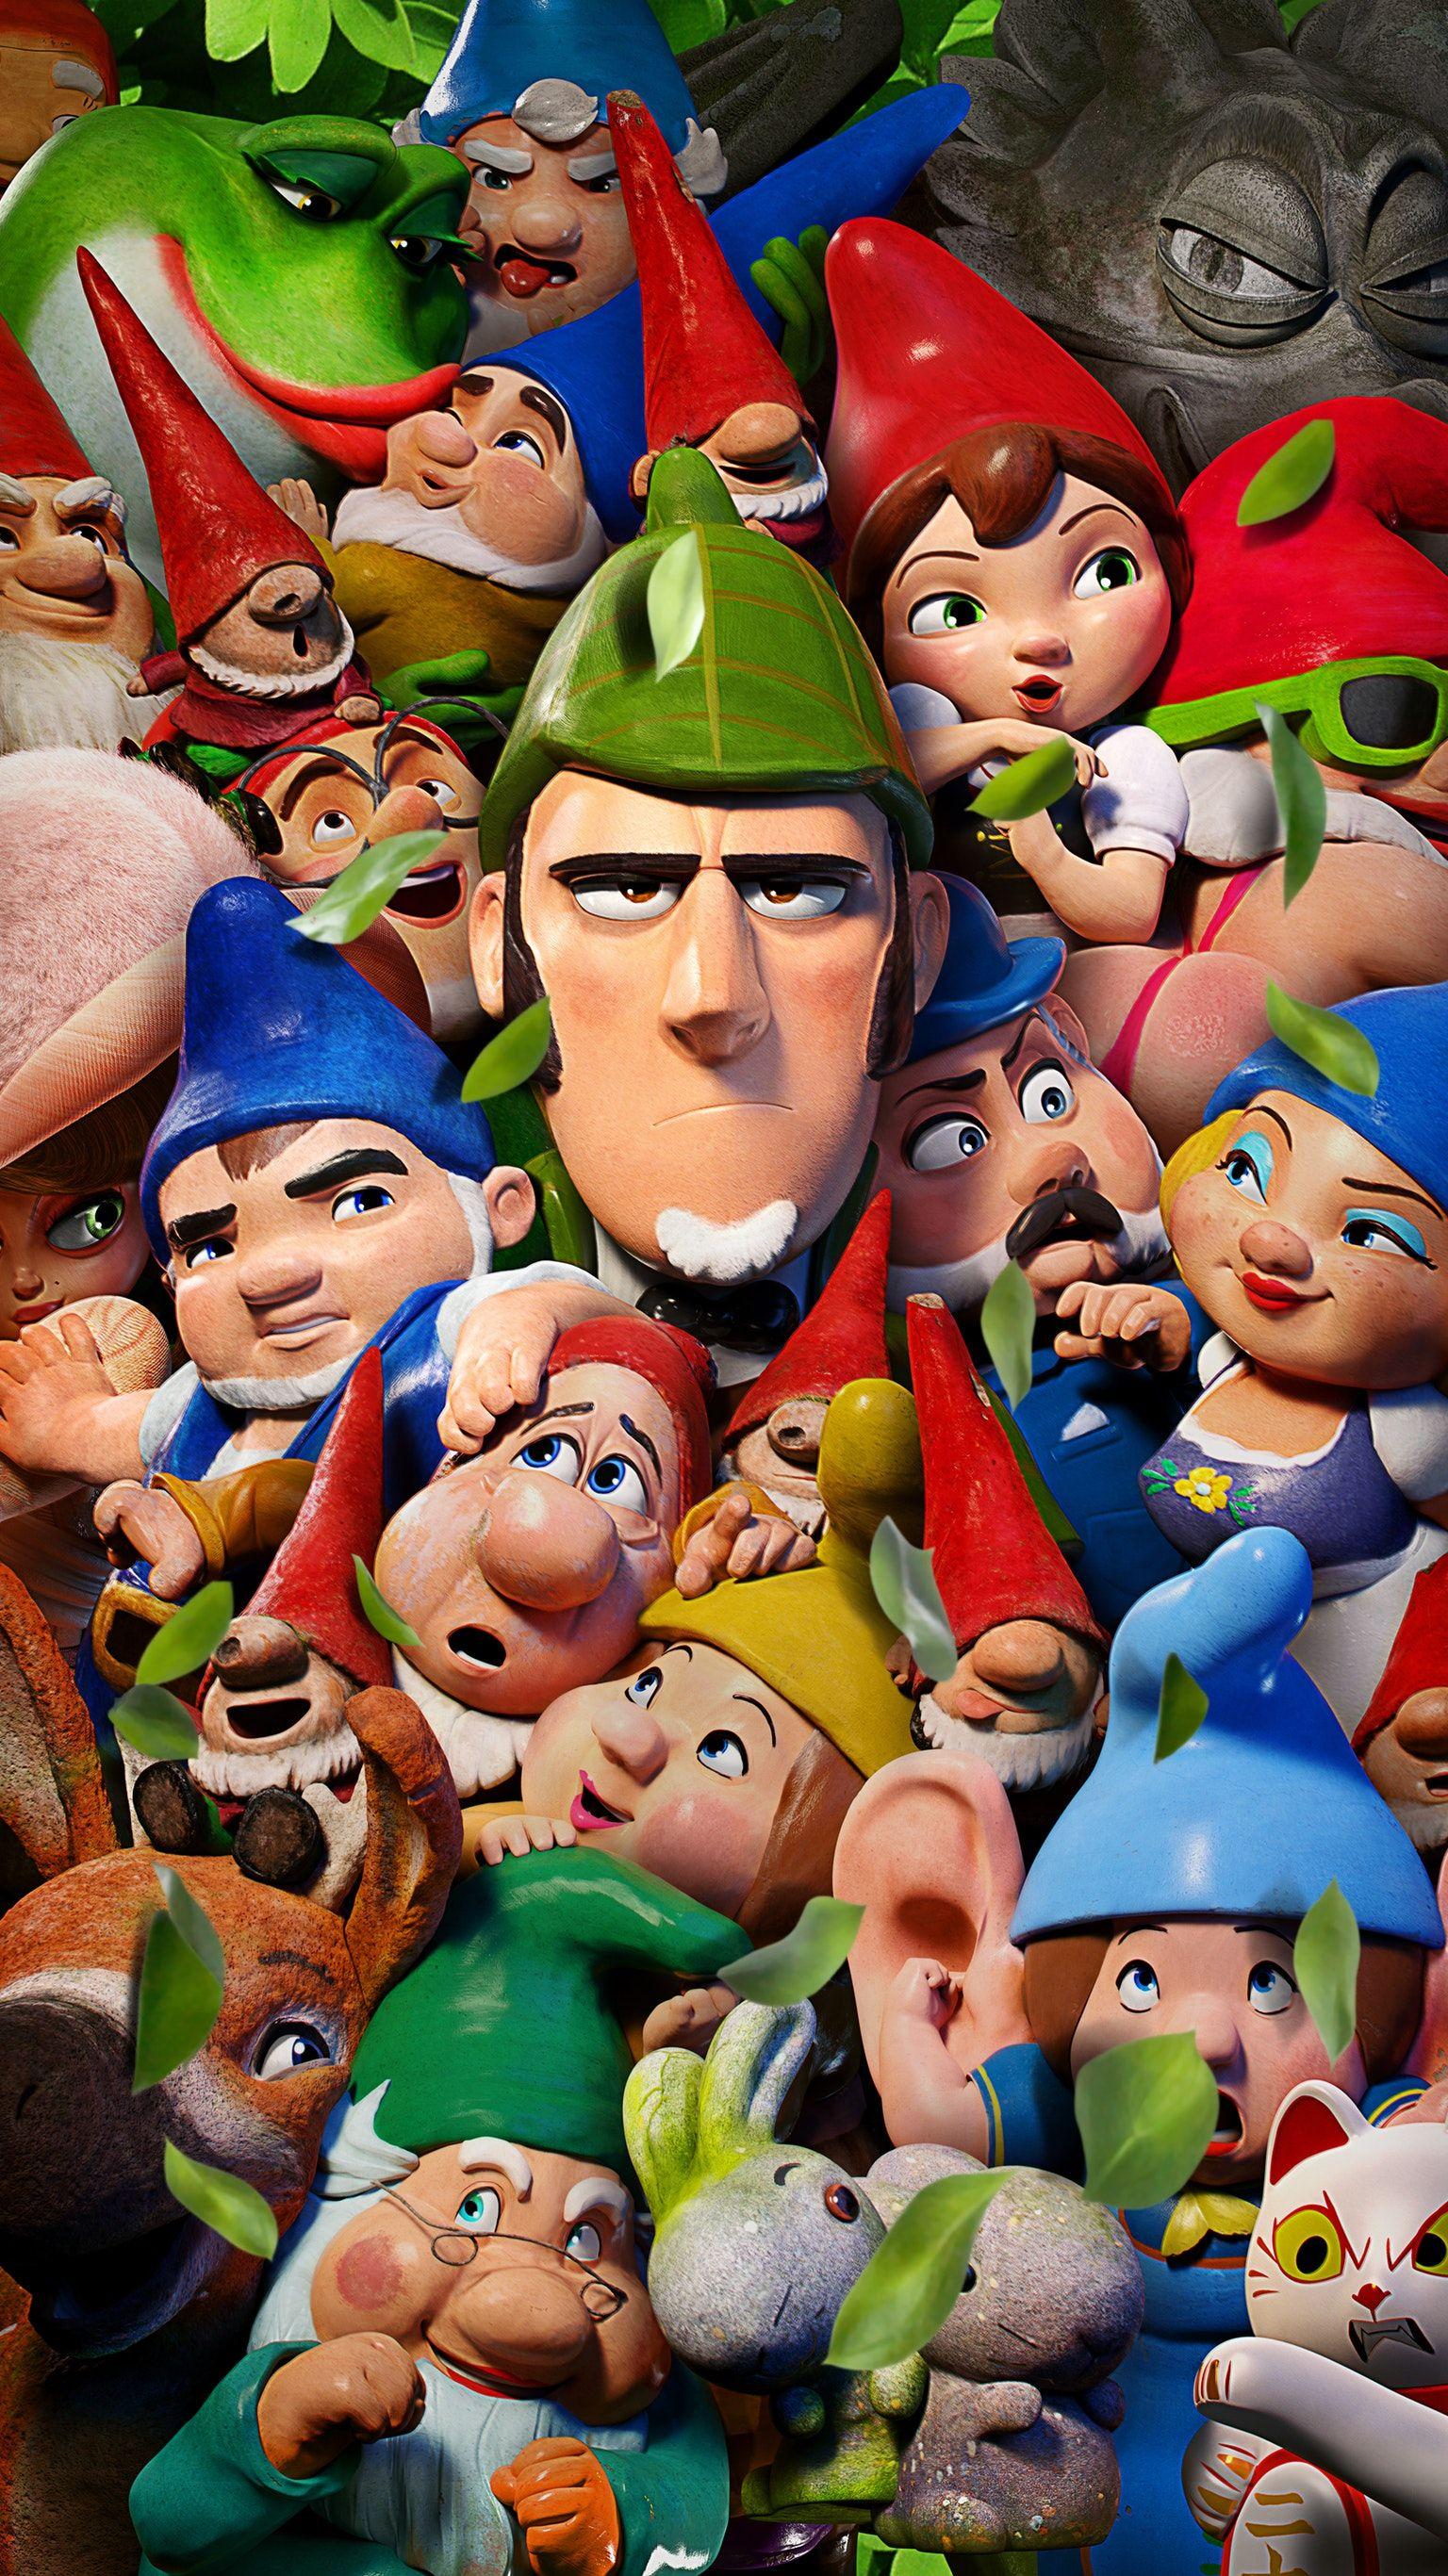 Sherlock Gnomes 2018 Phone Wallpaper Moviemania Animated Movies Sherlock Anime Movies